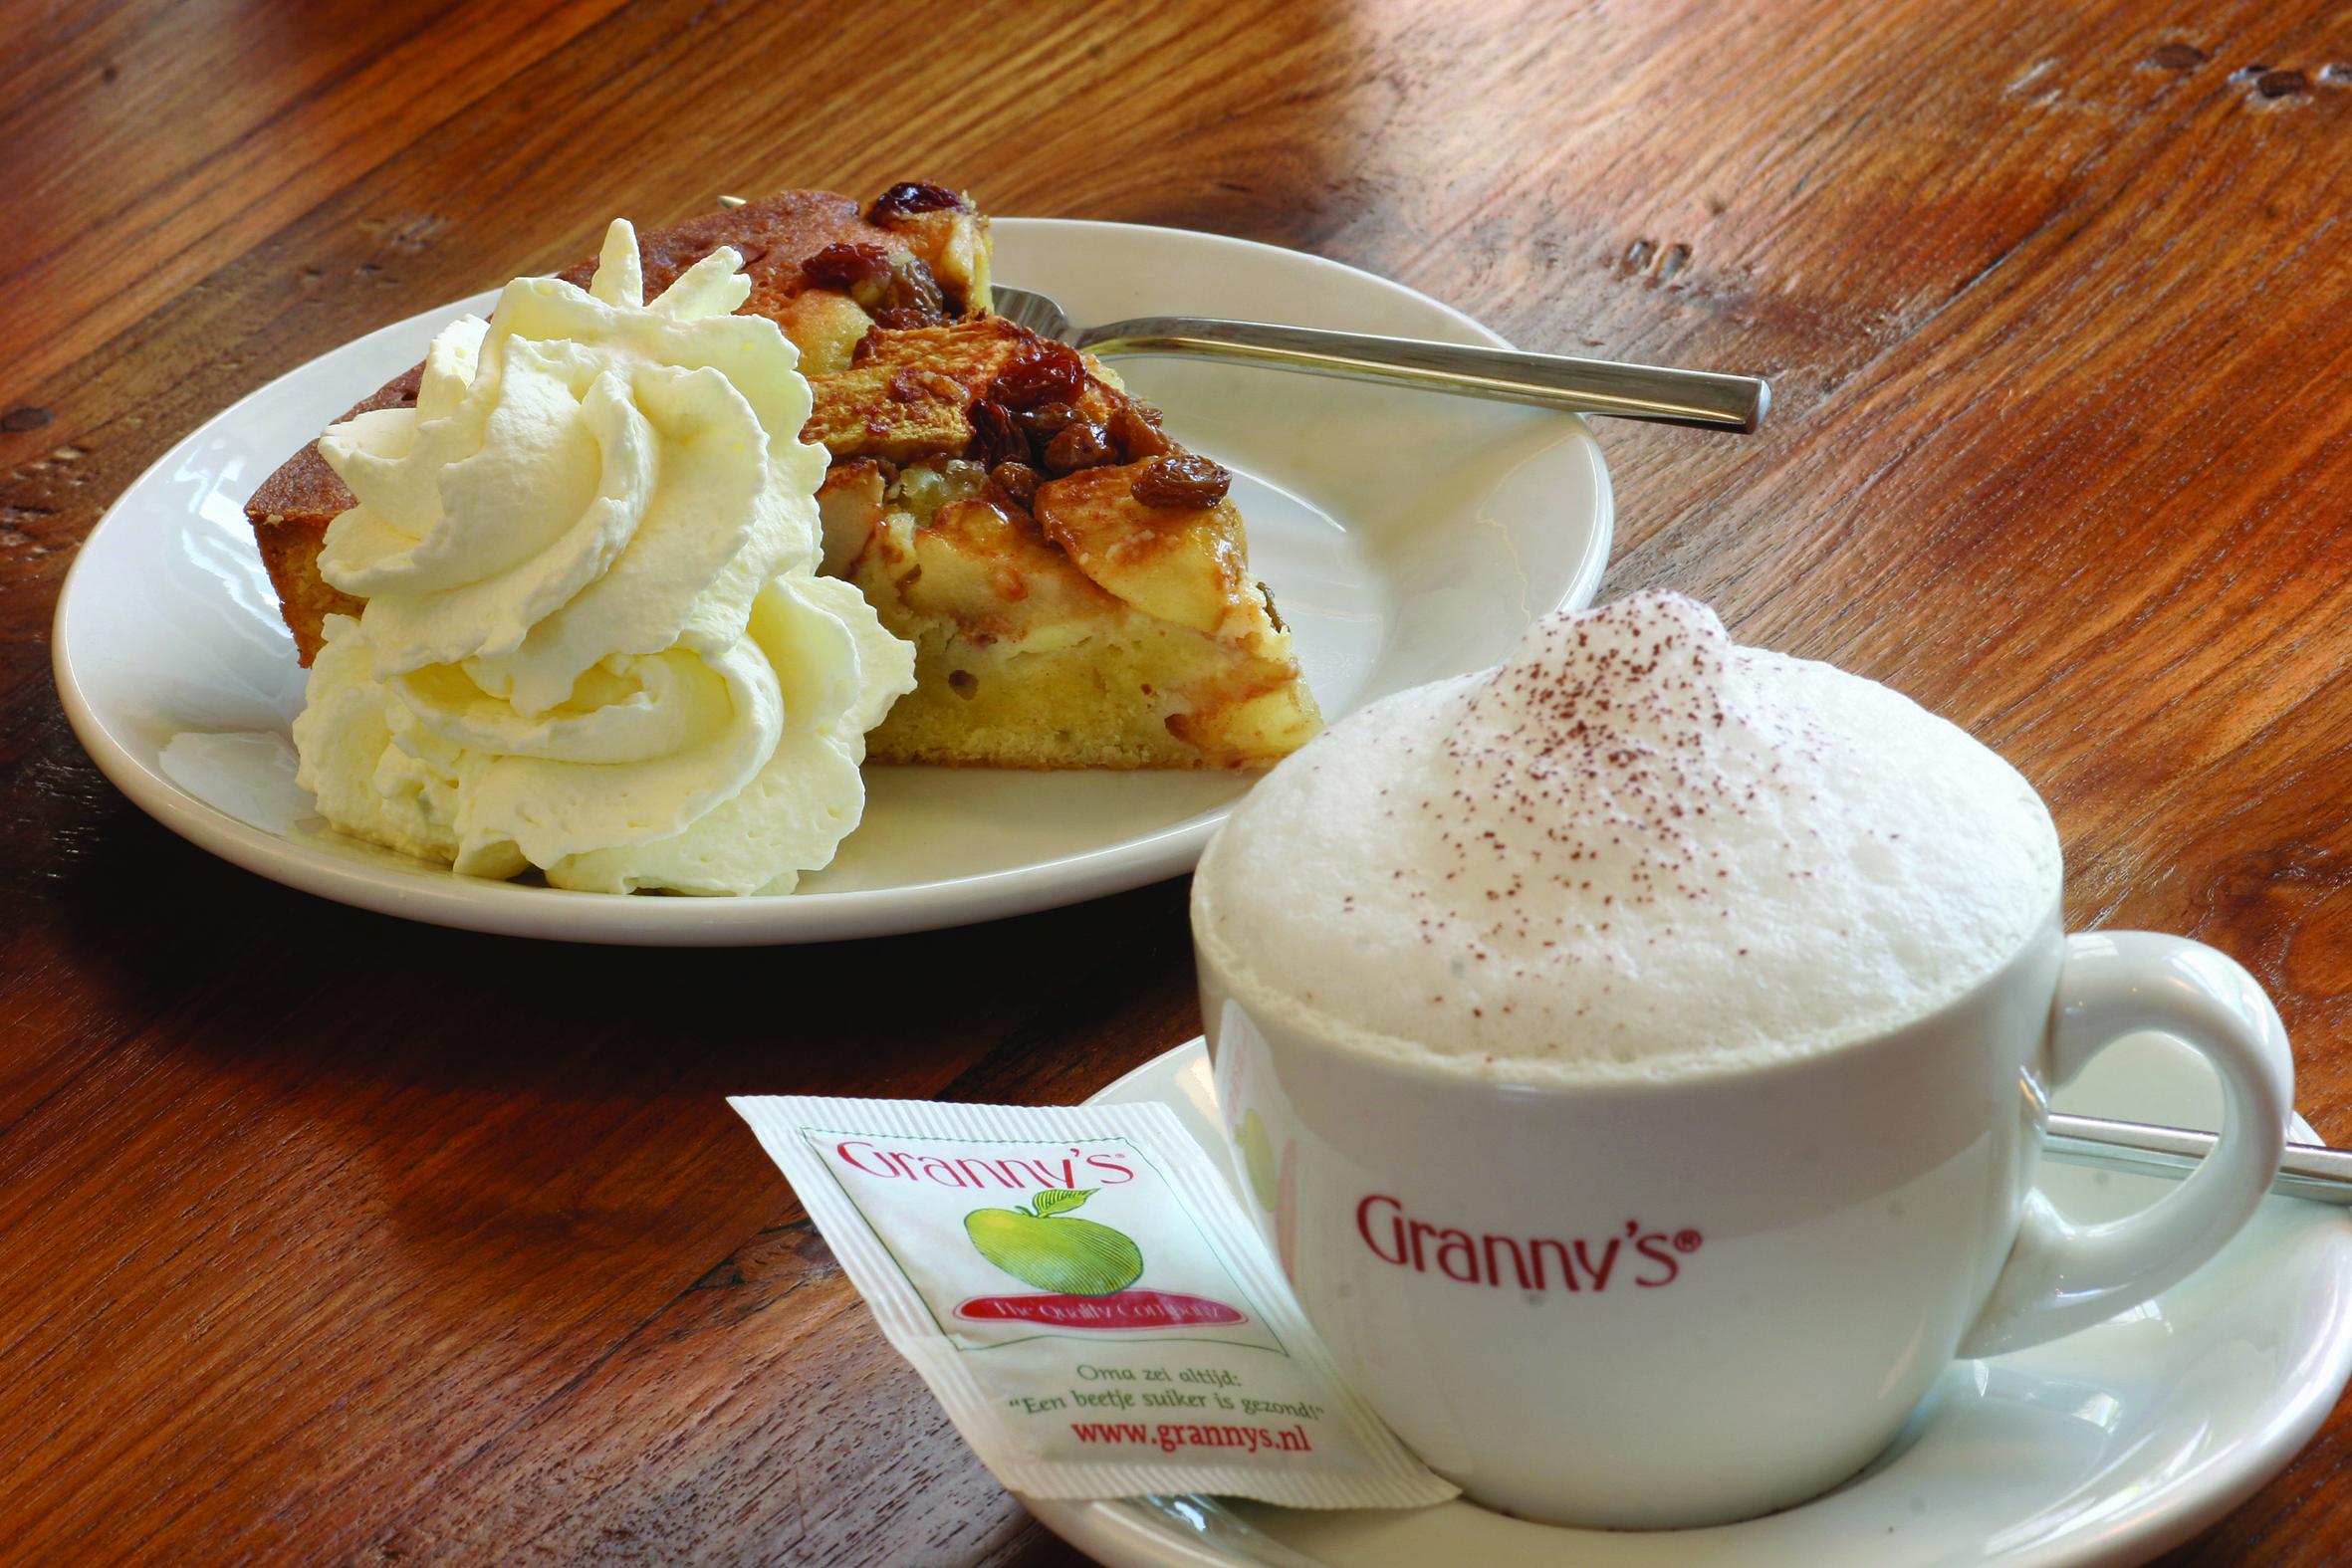 Granny's Wereldberoemde Appeltaart cappuccino bakrecept cakemix taartrecept